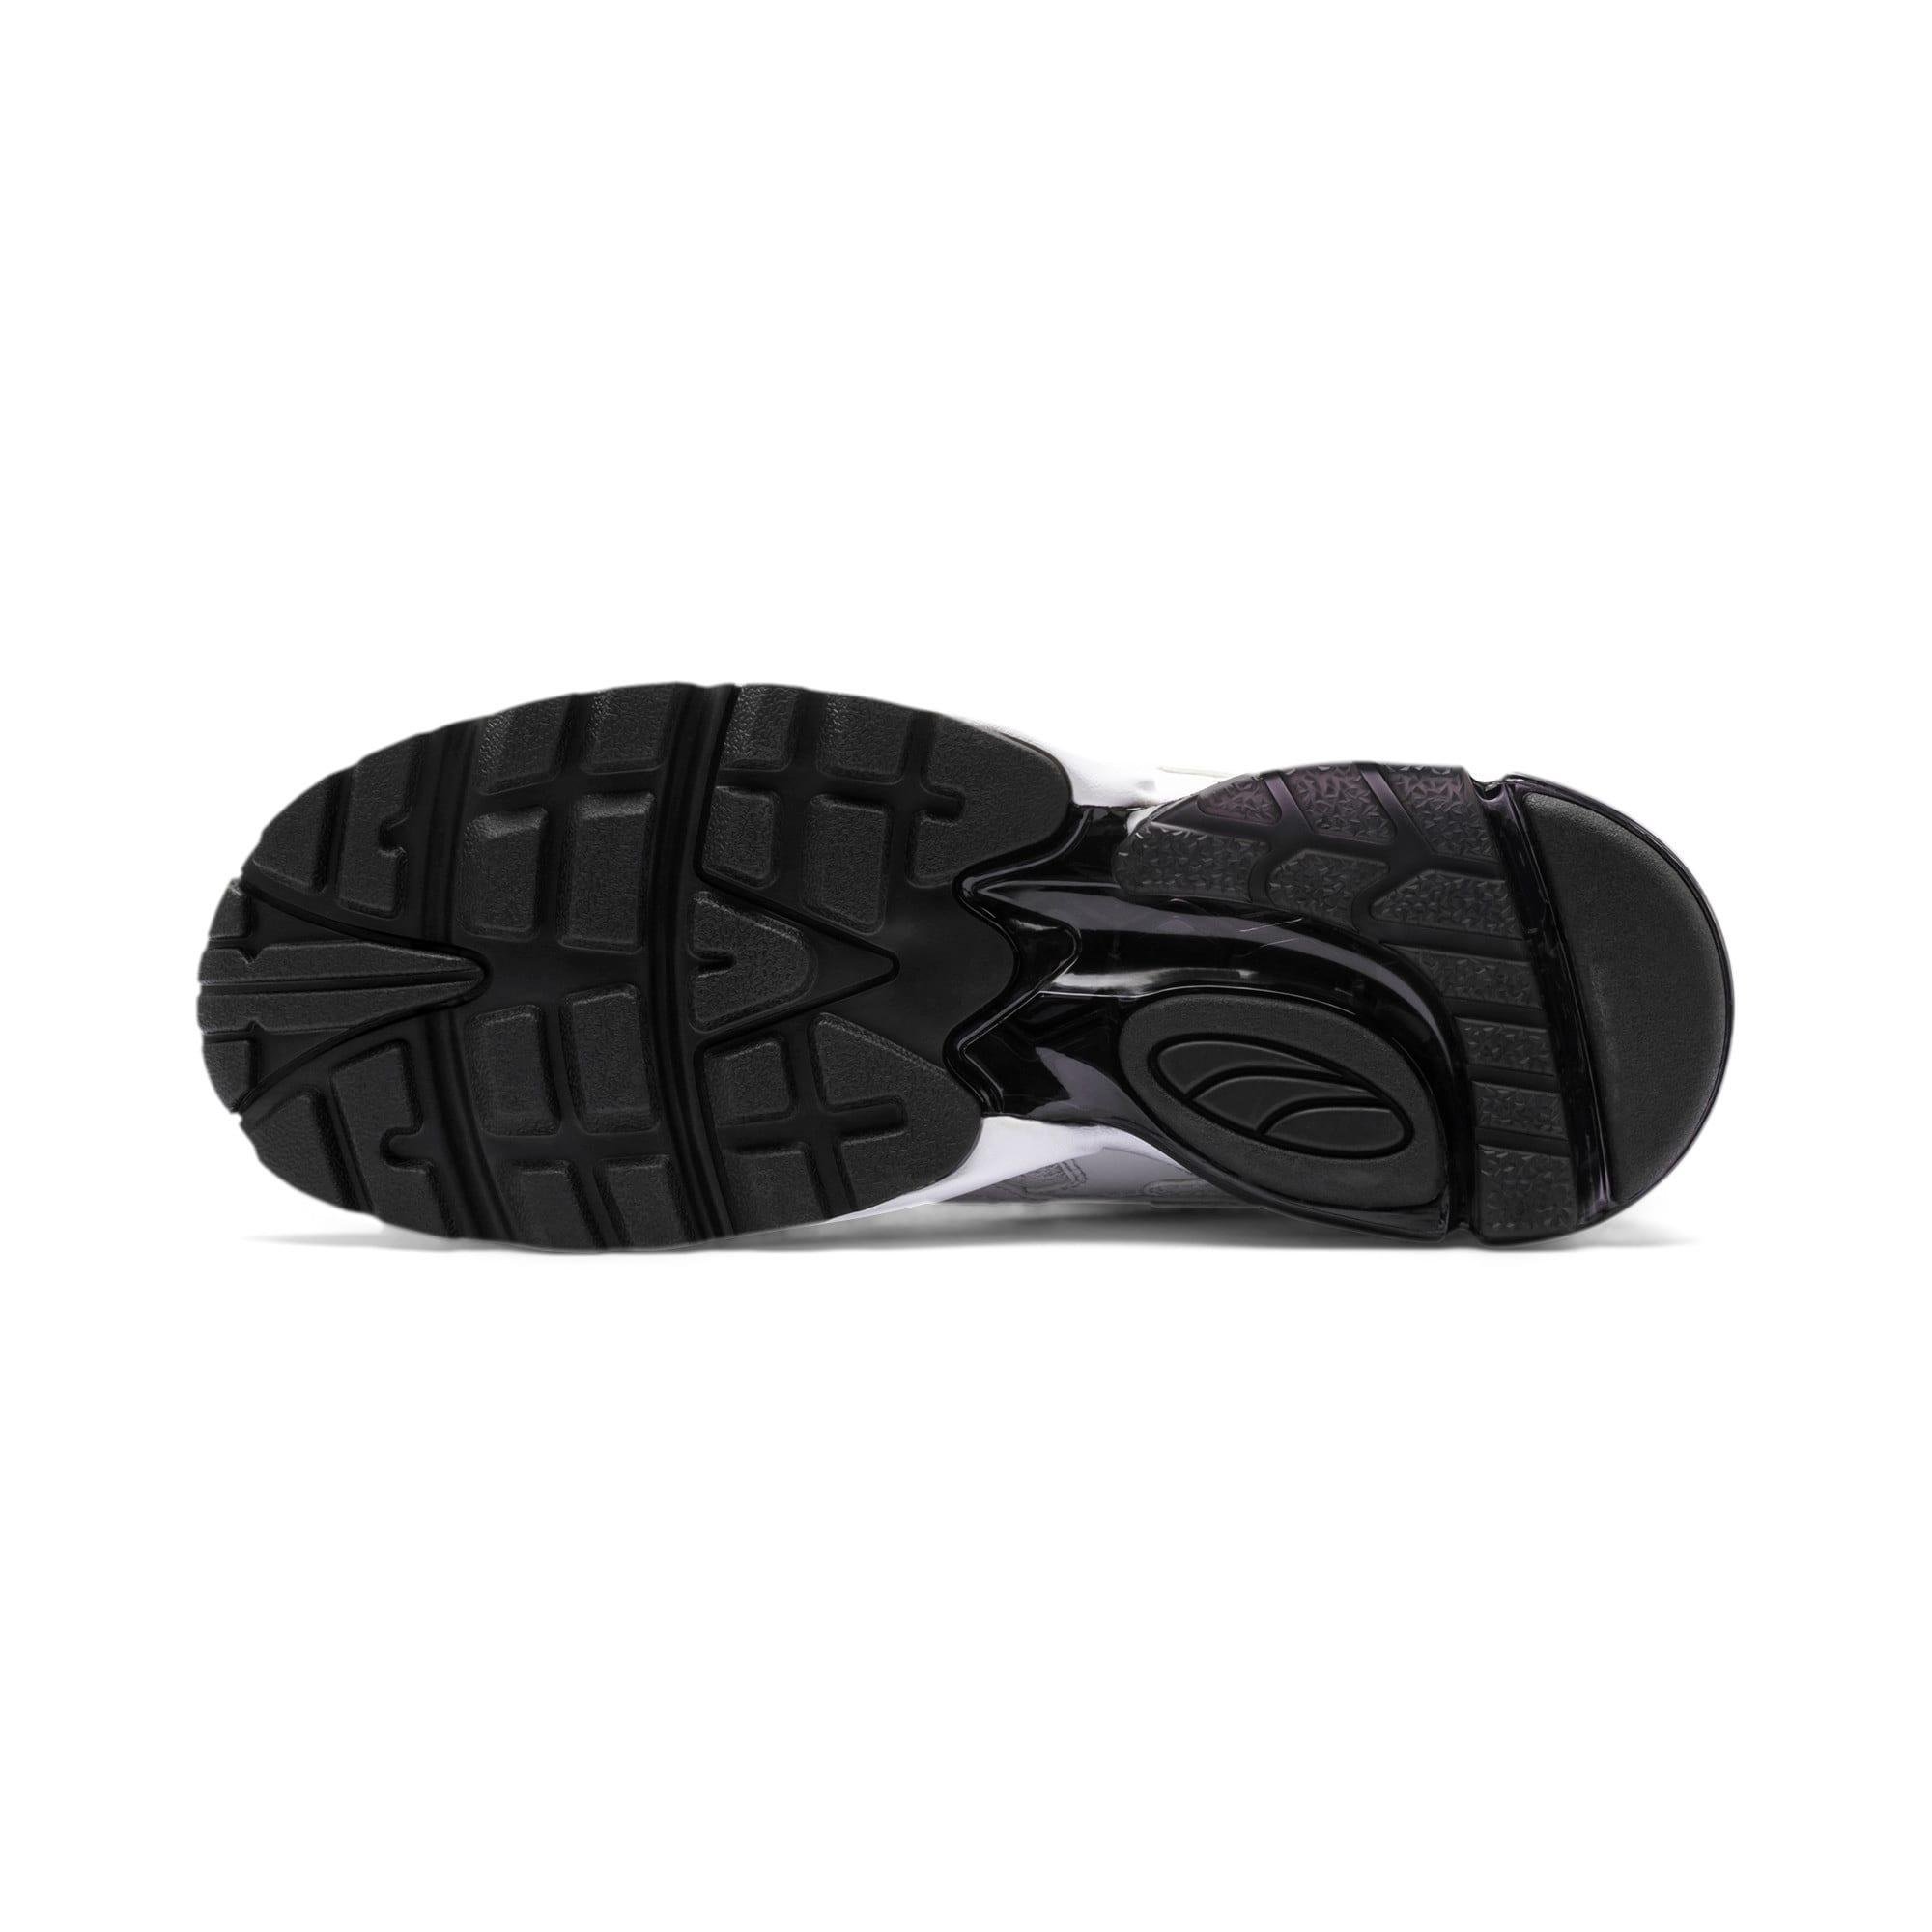 Thumbnail 5 of CELL Alien OG Sneakers, Puma Black-Puma White, medium